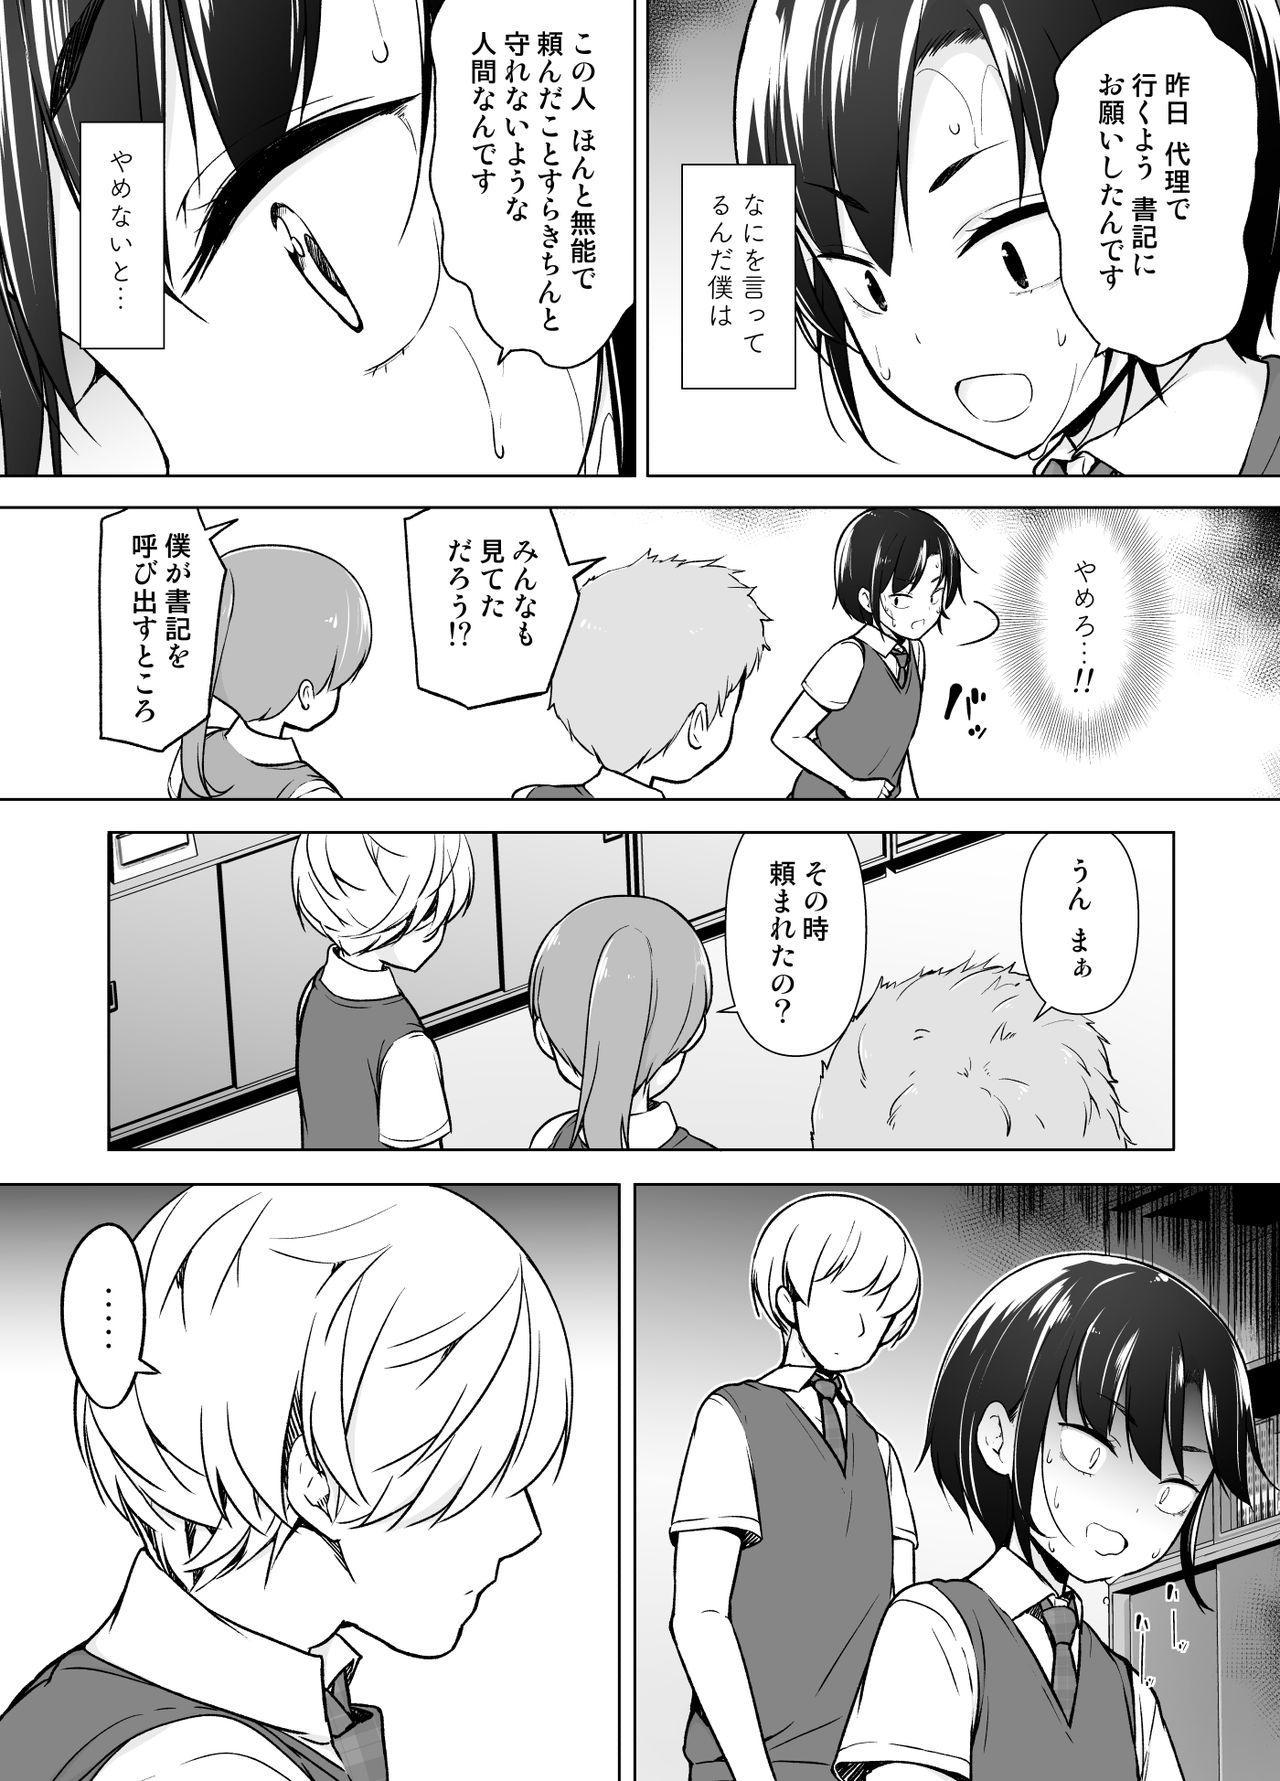 Gouman Seitokaichou ga Josou o Shitara 7